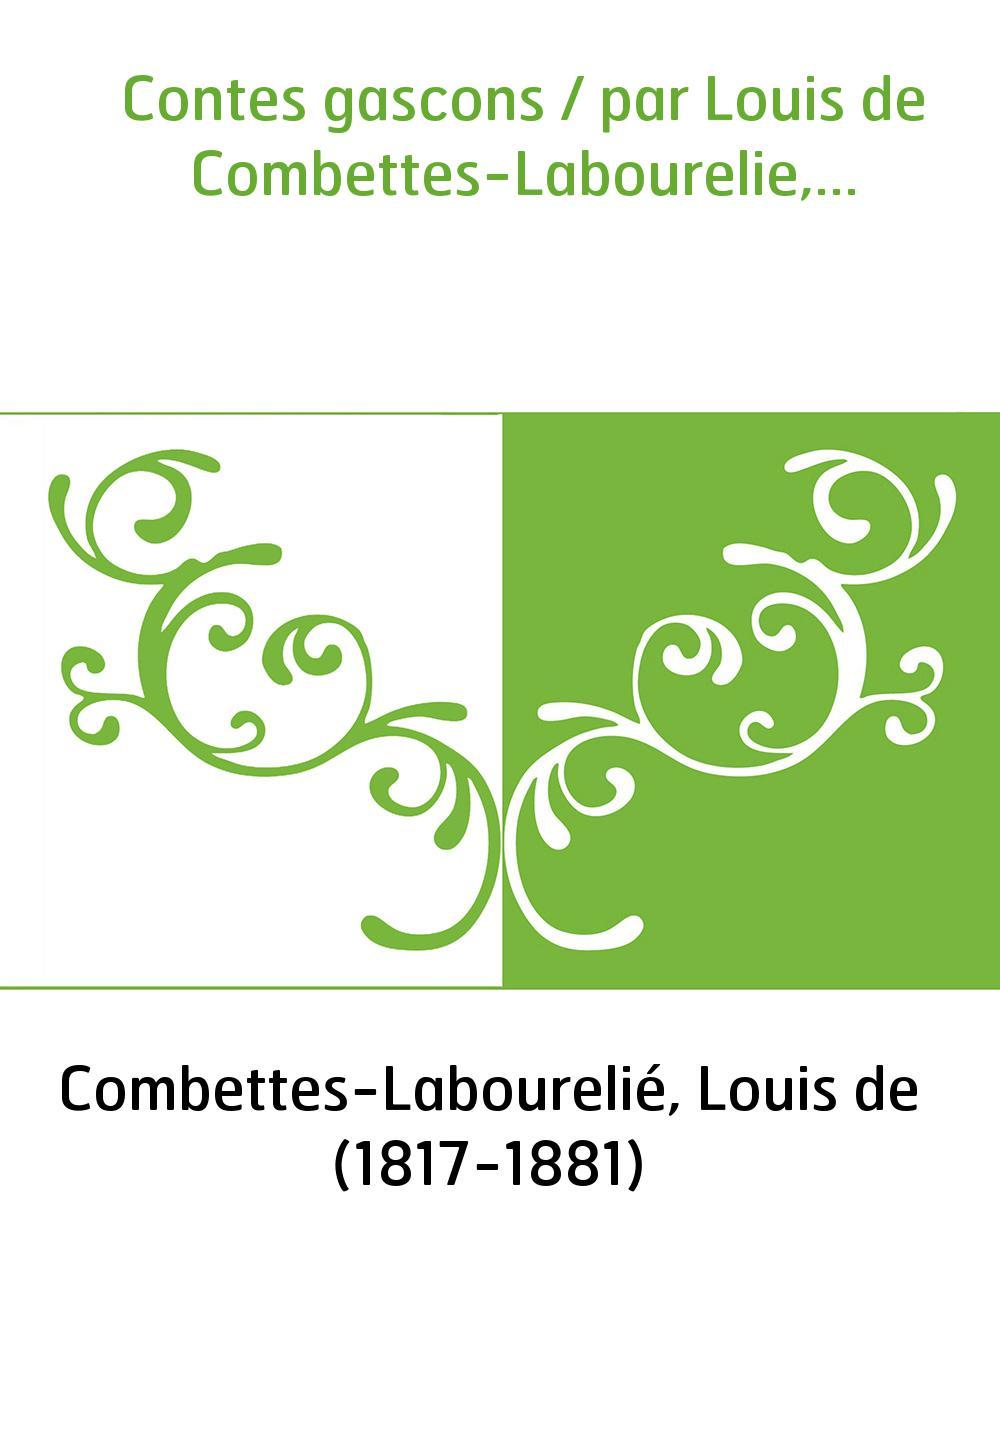 Contes gascons / par Louis de Combettes-Labourelie,...